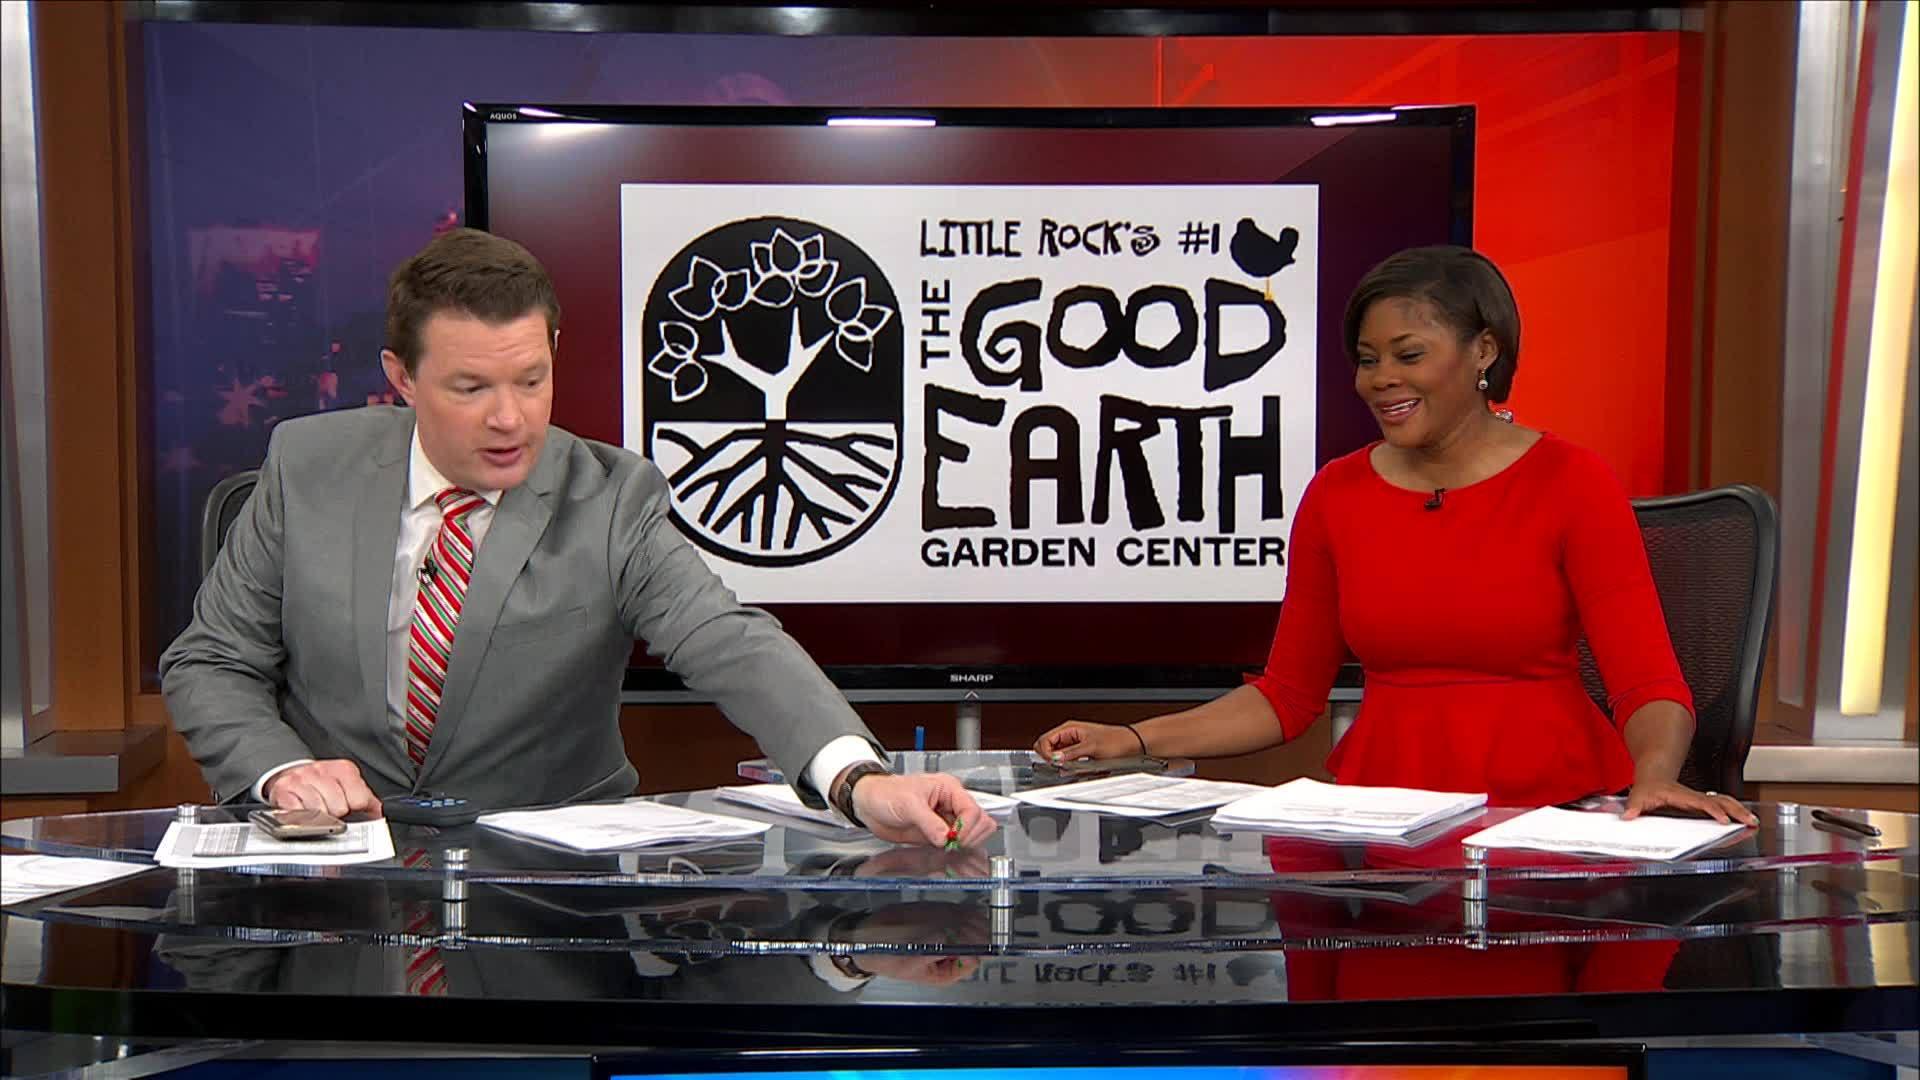 Good Earth Garden Center: 12-13-2018 pt. 1